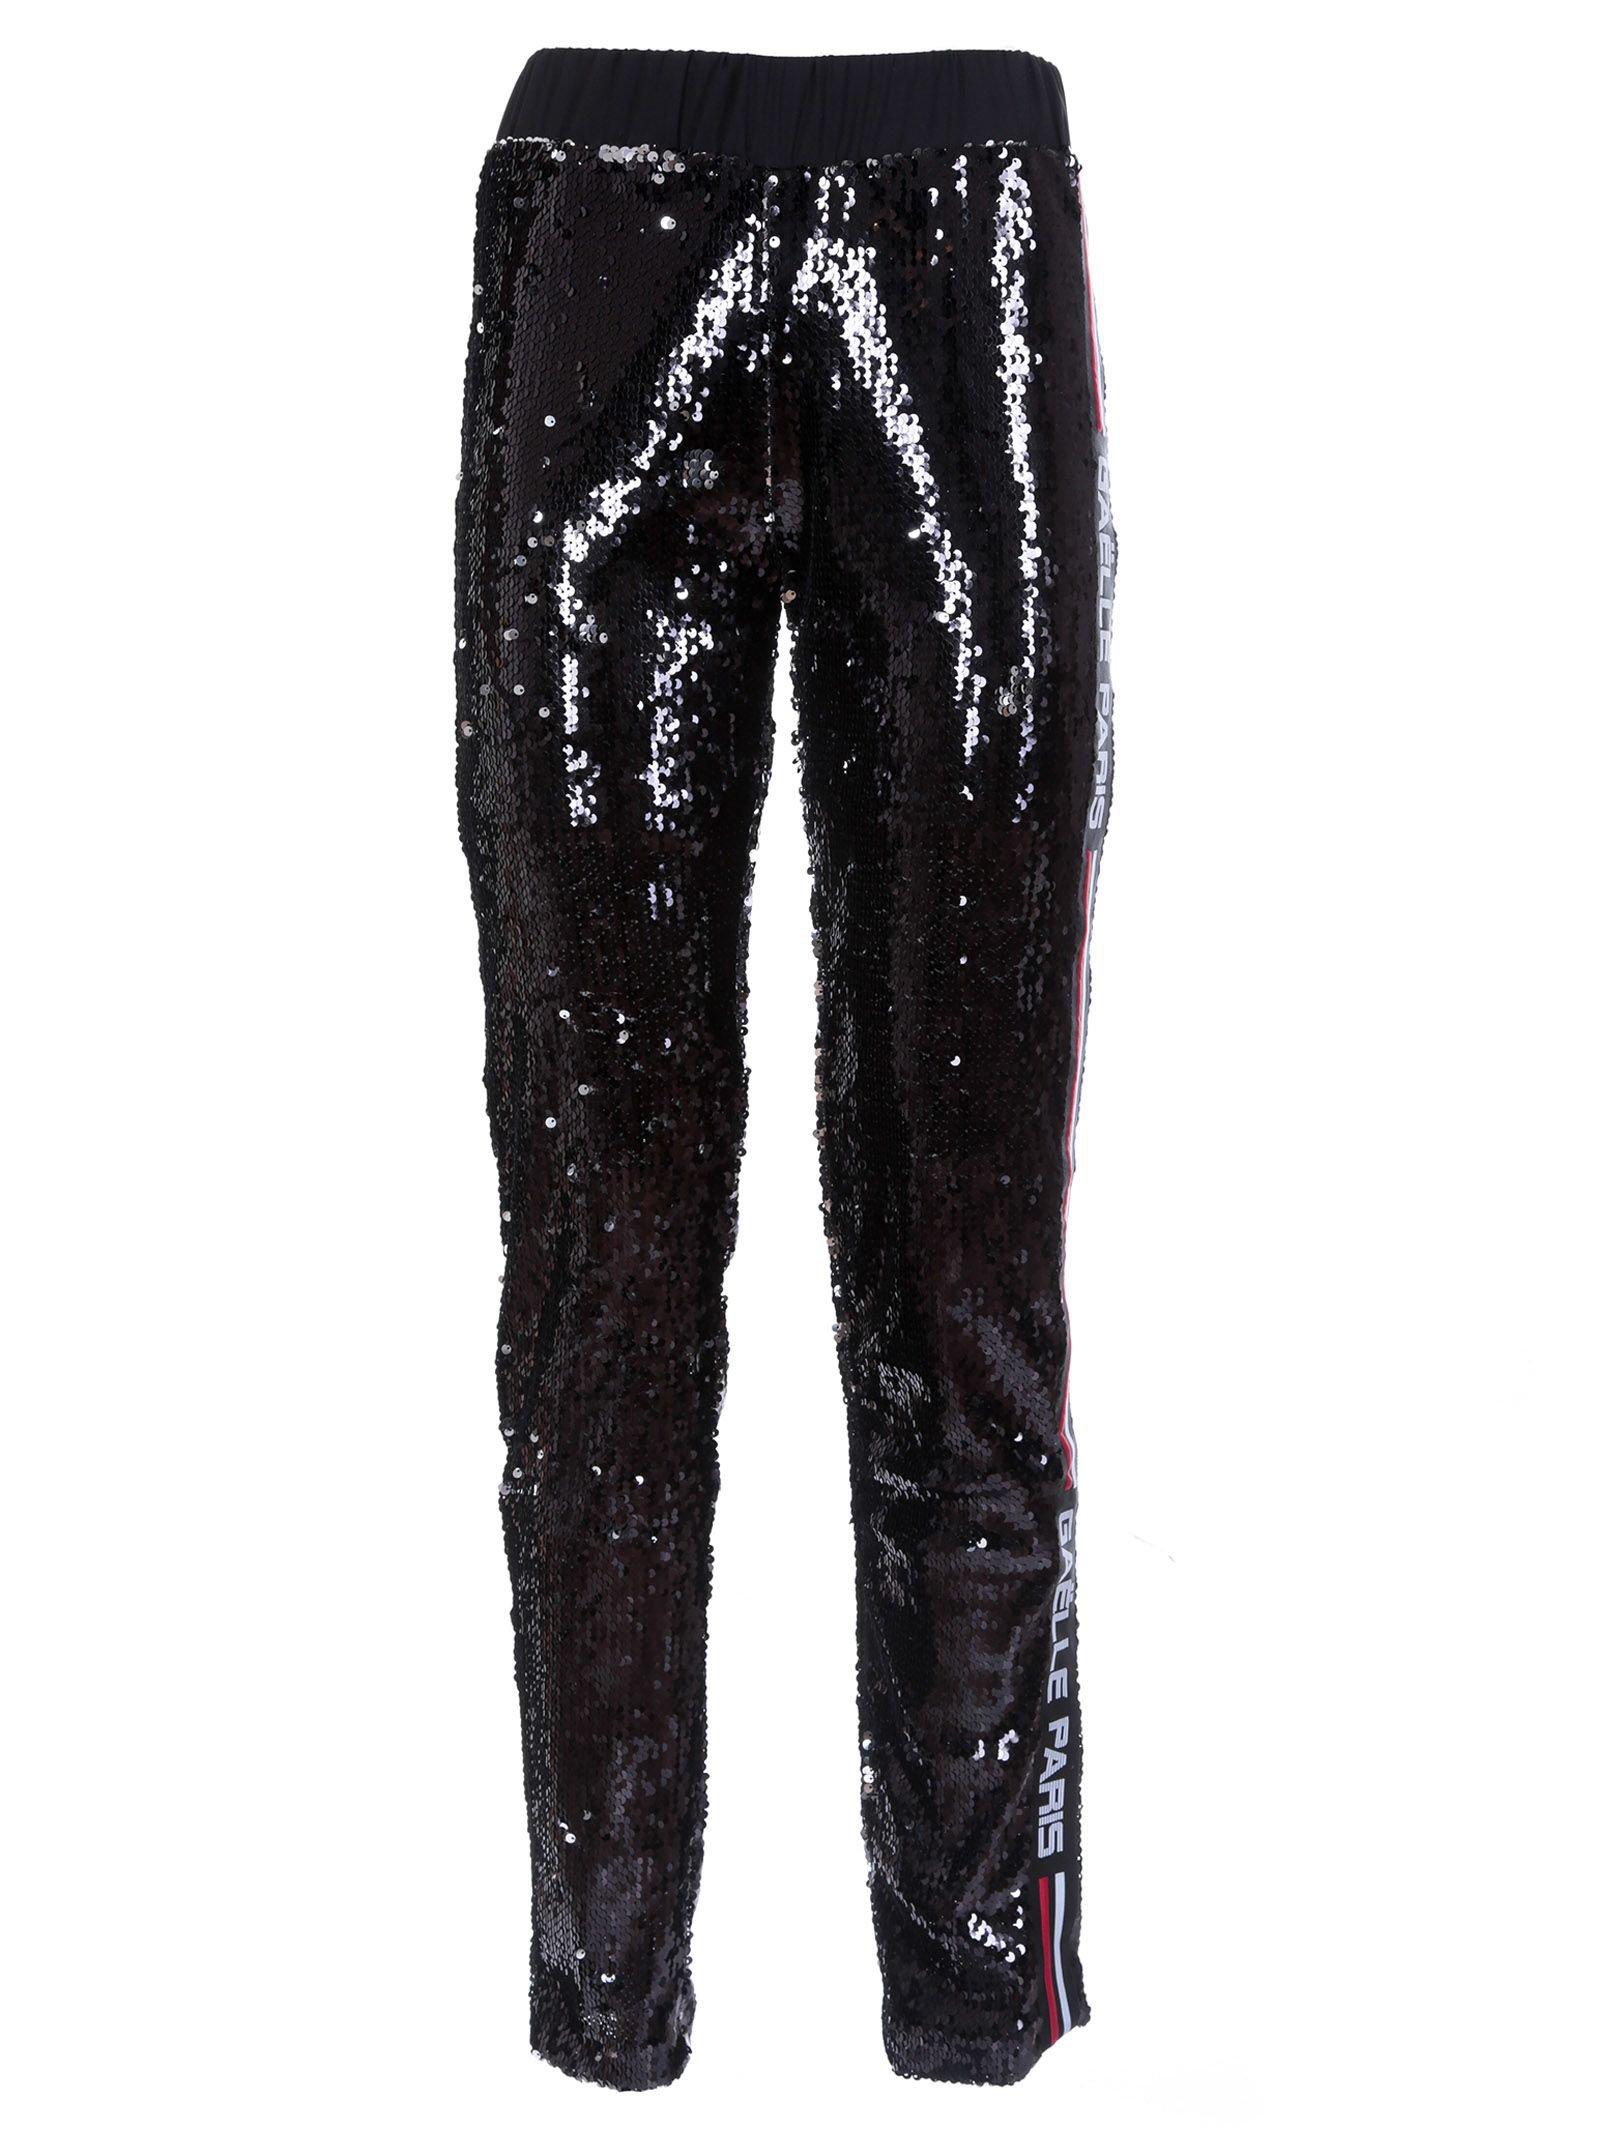 Gaelle Bonheur Sequinned Track Pants